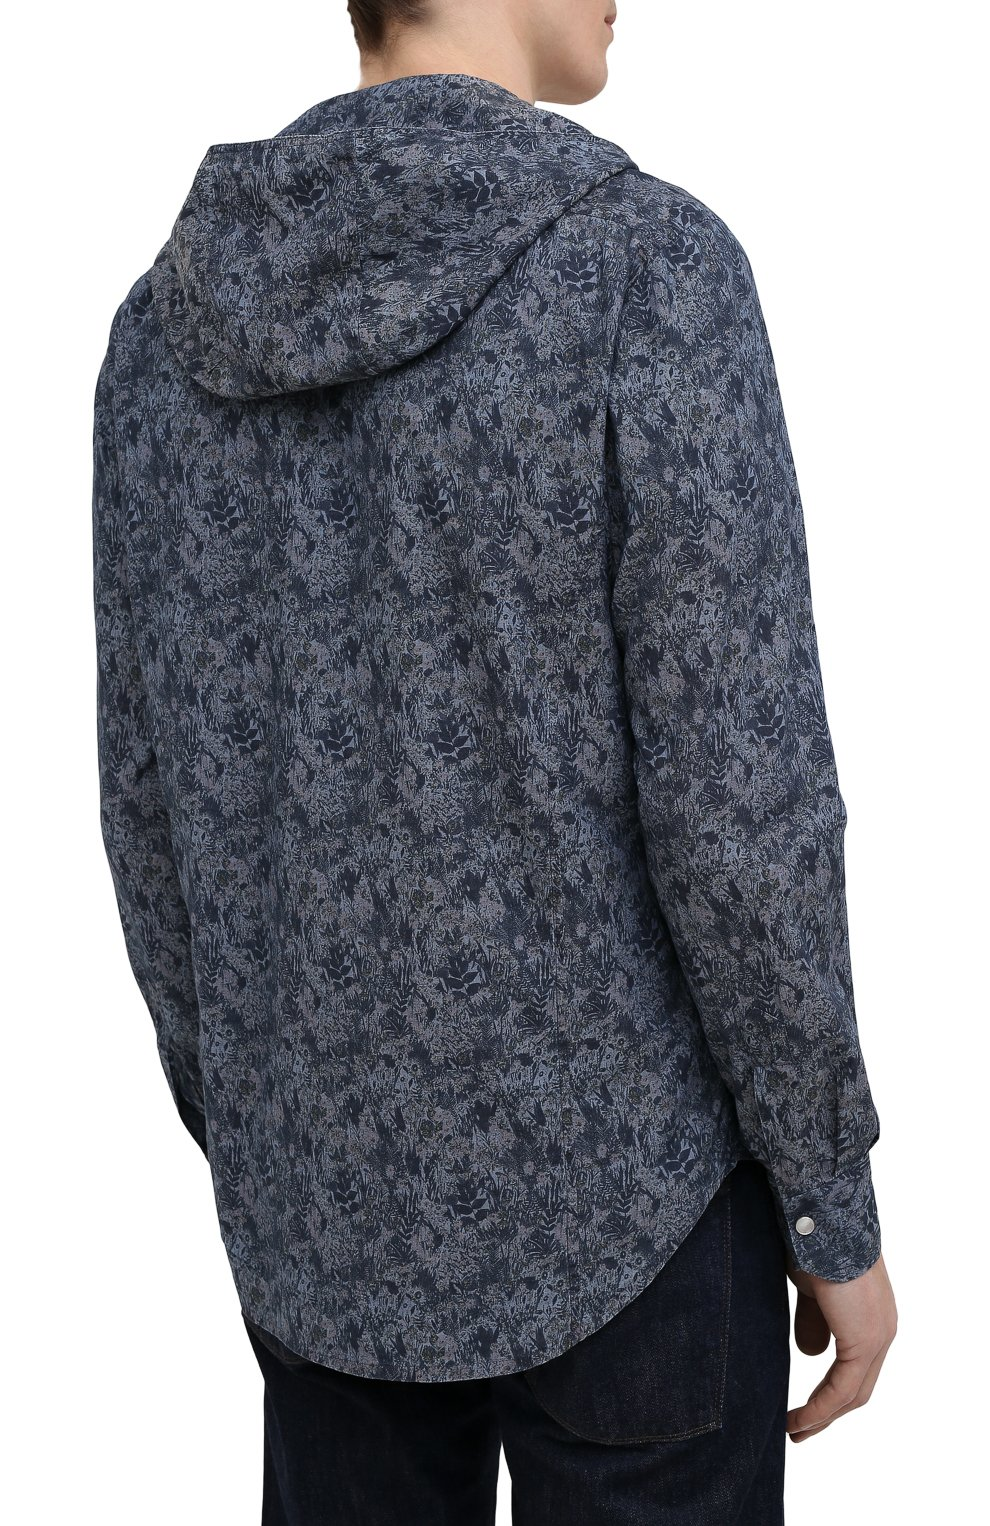 Мужская хлопковая рубашка KITON темно-синего цвета, арт. UMCMARH0767305 | Фото 4 (Воротник: С капюшоном; Рукава: Длинные; Рубашки М: Regular Fit; Манжеты: На кнопках; Случай: Повседневный; Длина (для топов): Стандартные; Принт: С принтом; Материал внешний: Хлопок; Стили: Кэжуэл)